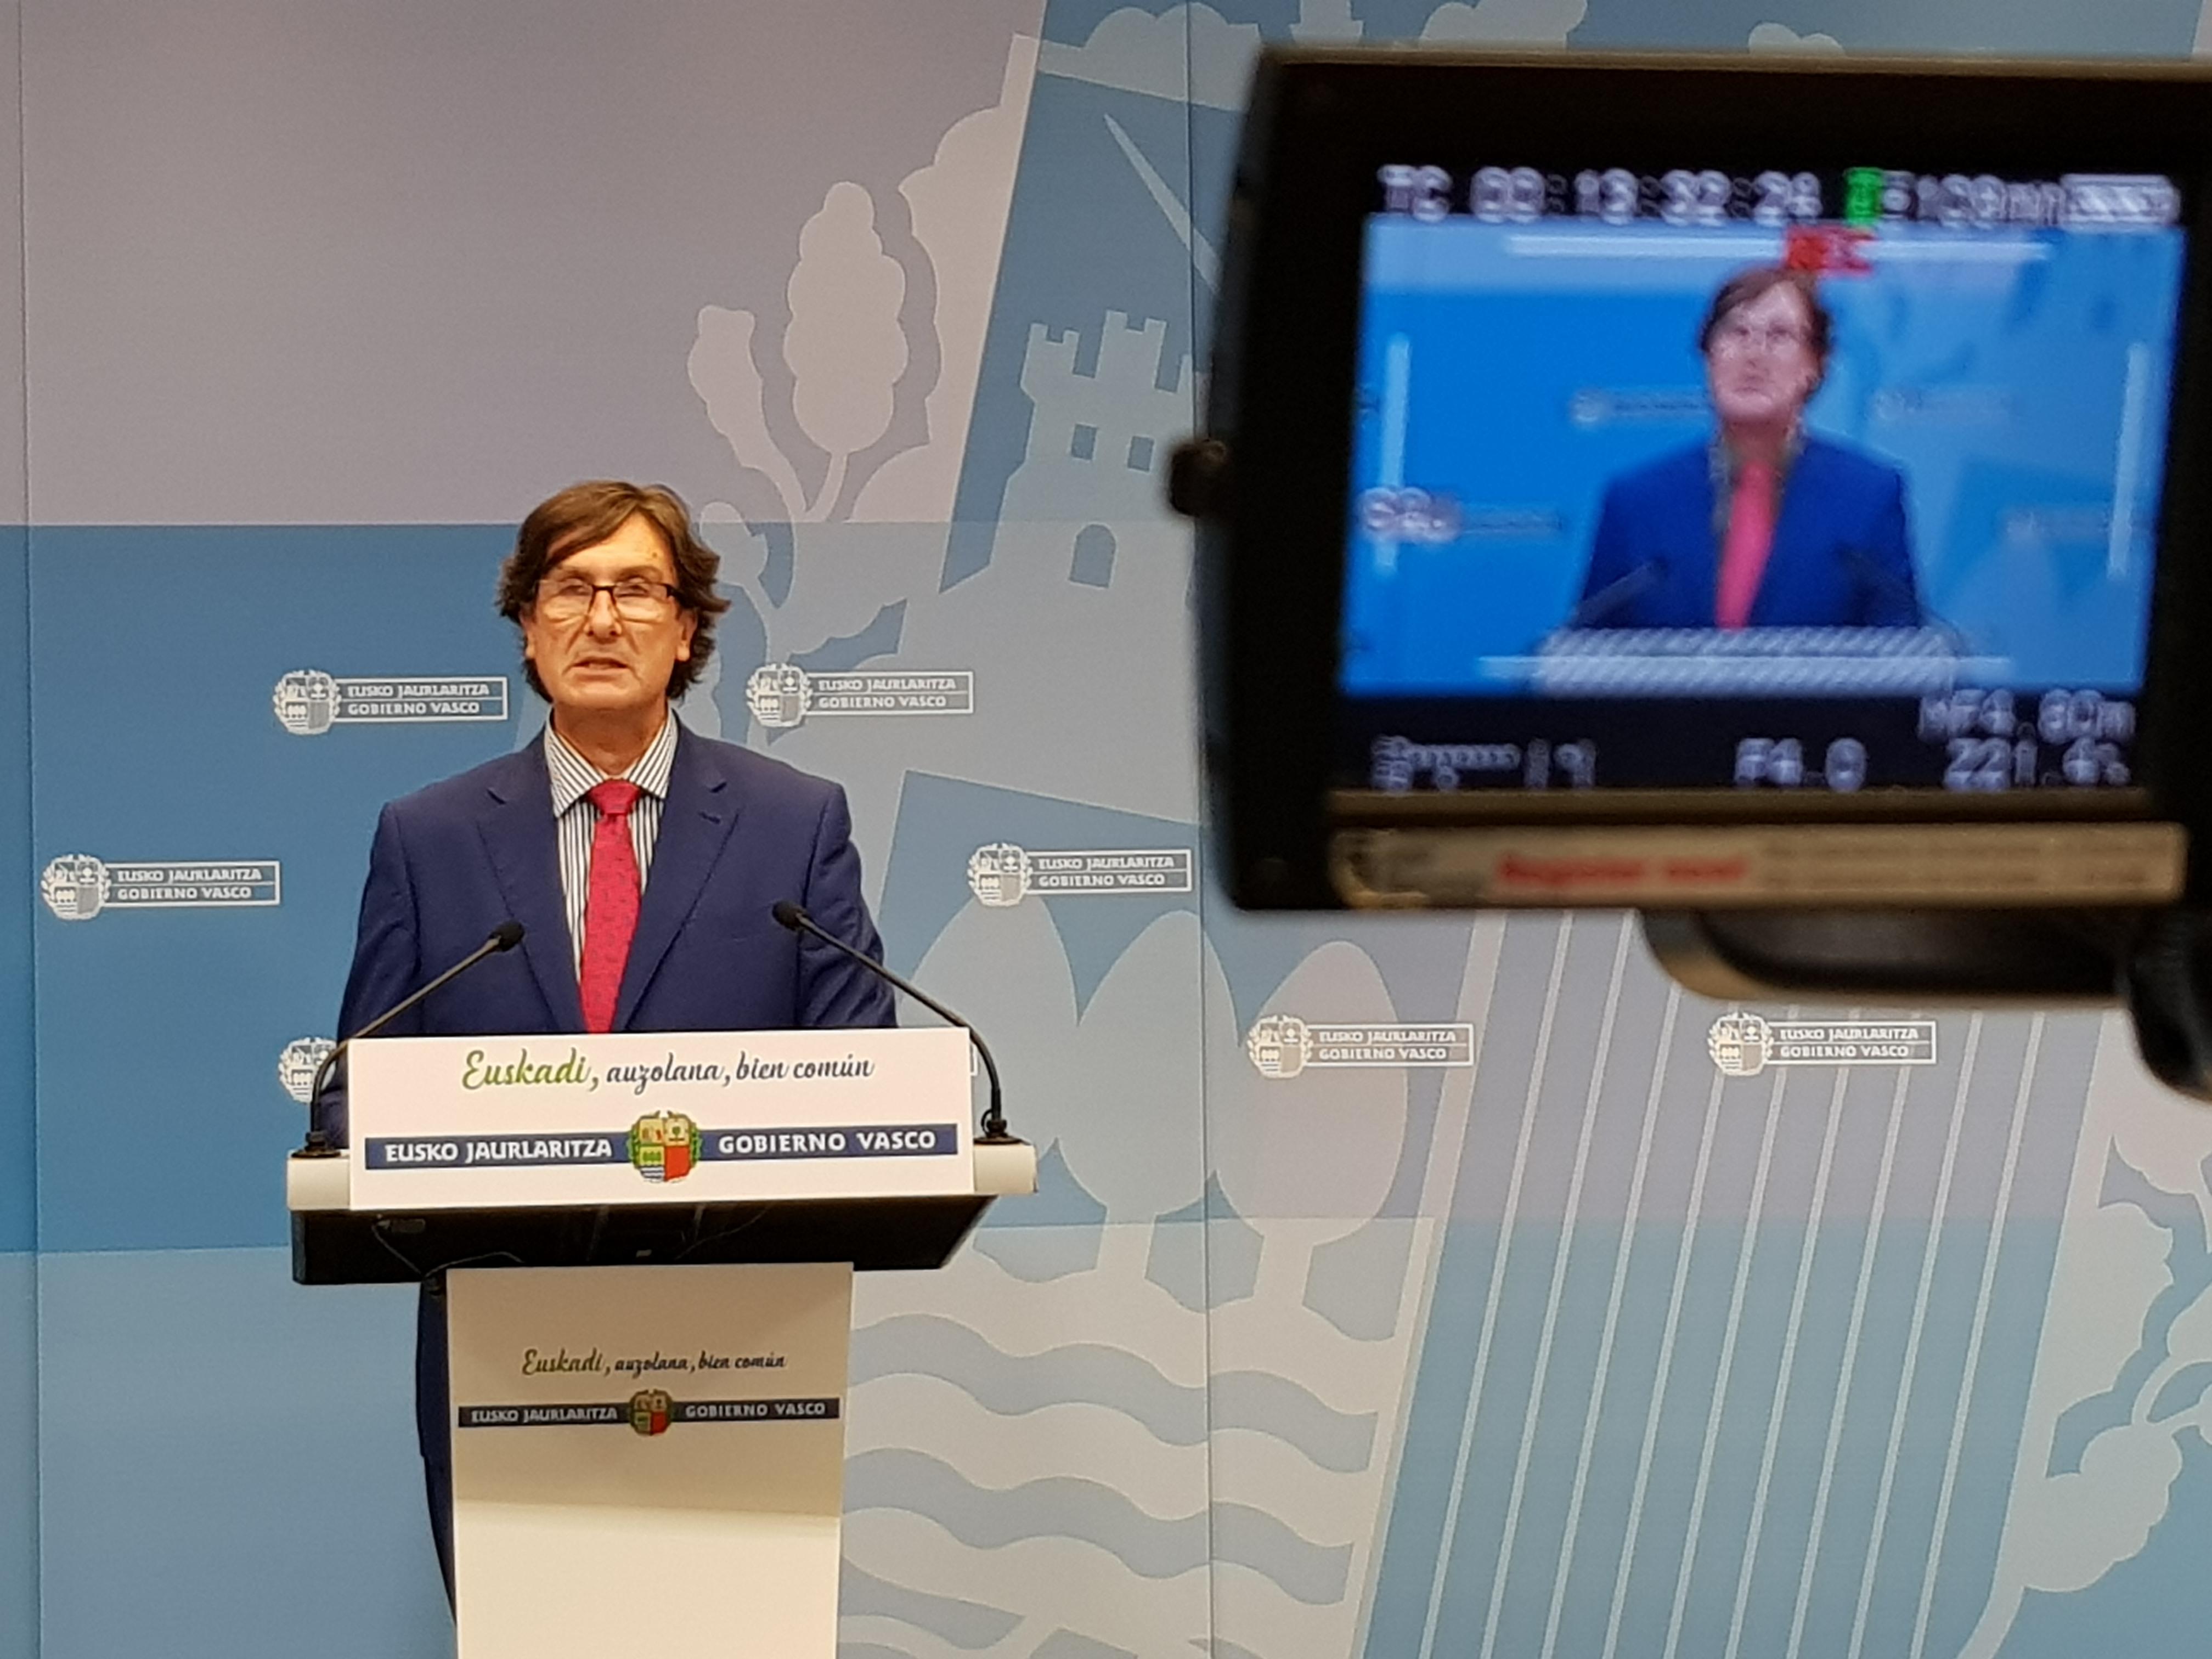 El Gobierno Vasco propone a los sindicatos de la Función Pública una subida salarial del 2,25% y una aportación a Itzarri del 1,5% para 2019